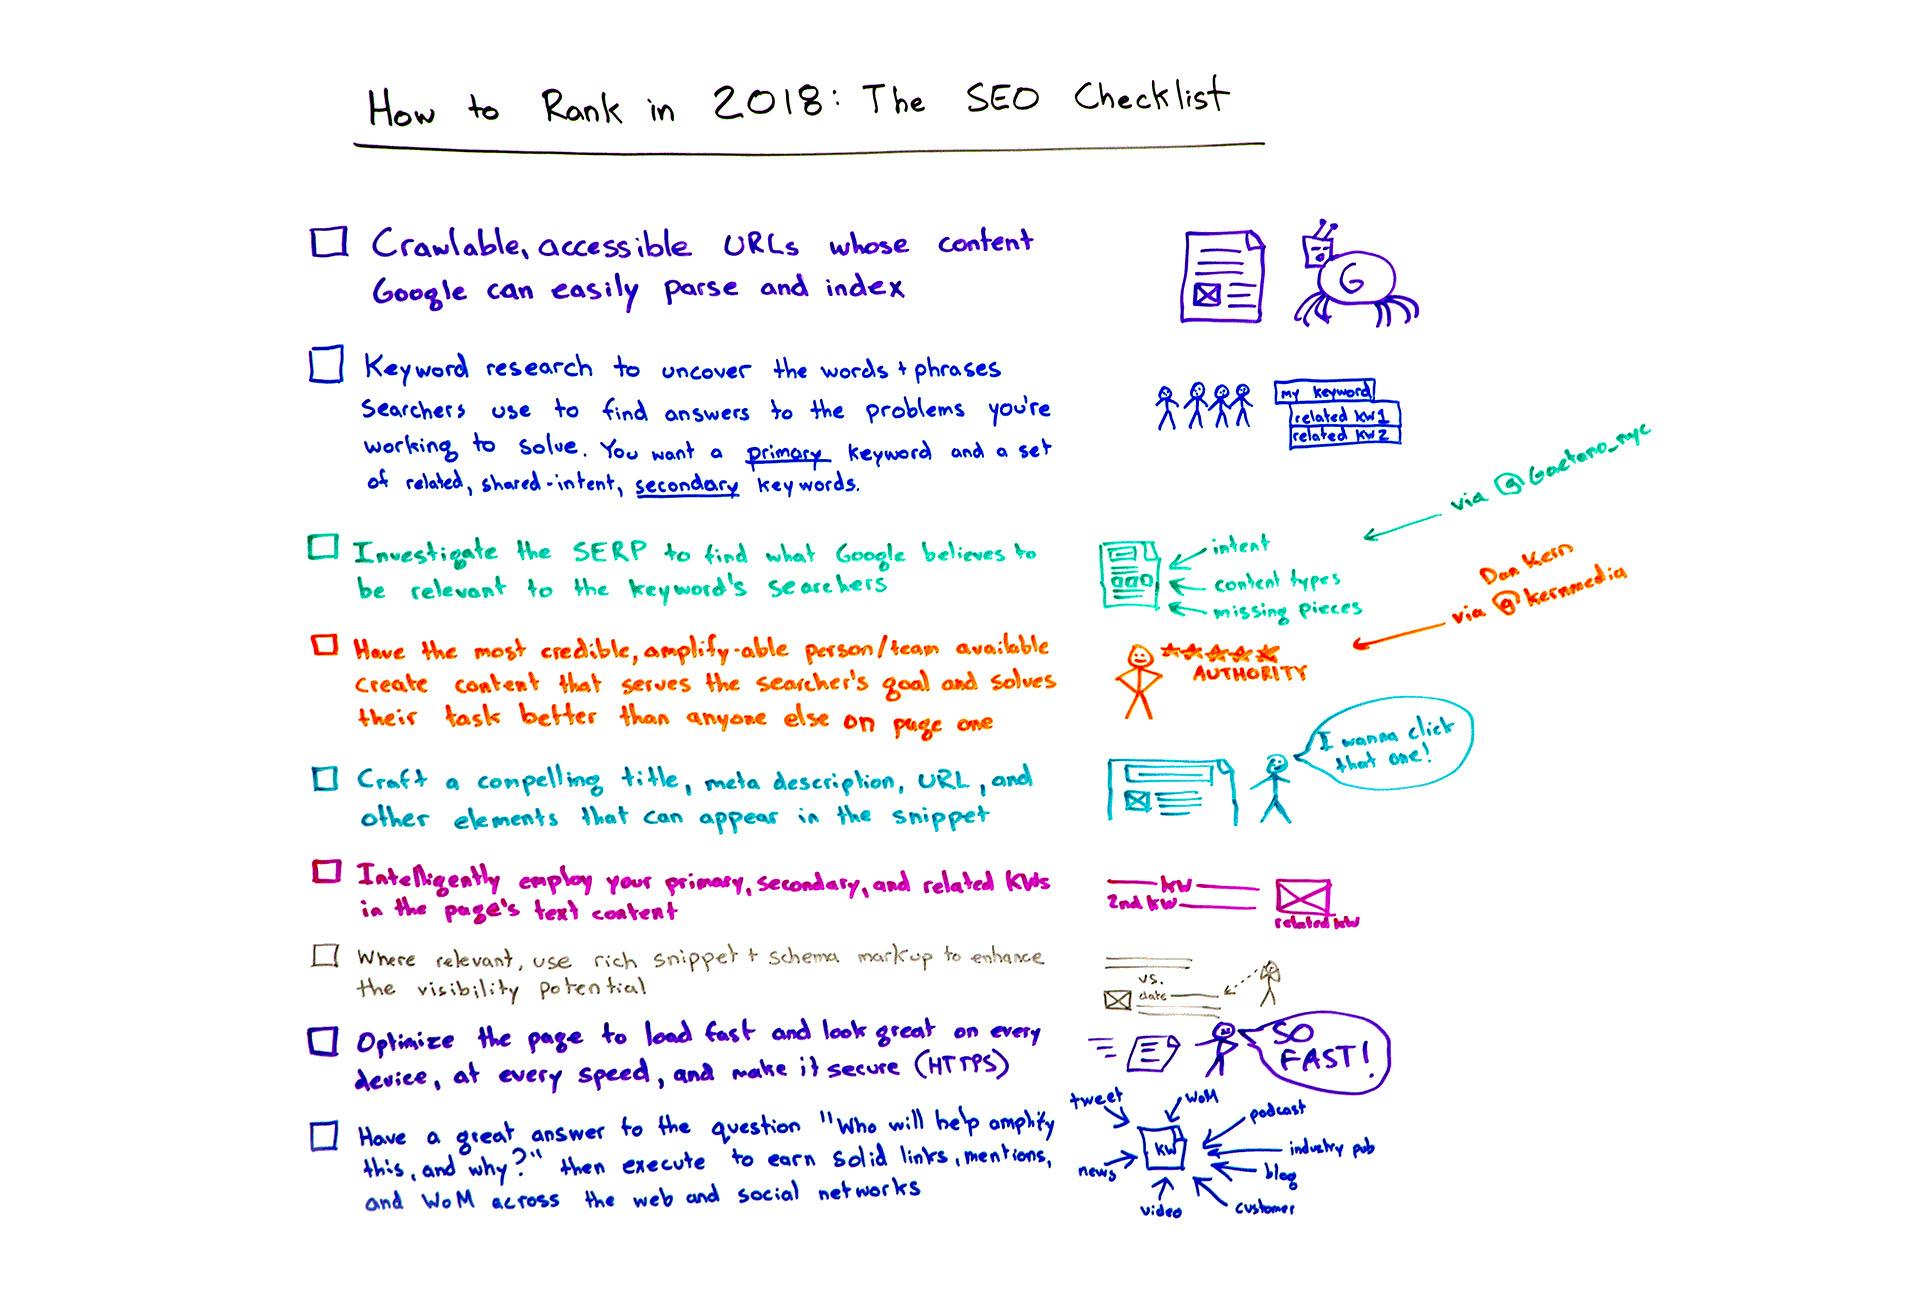 Checklist những công việc cần thực hiện khi SEO trên Google